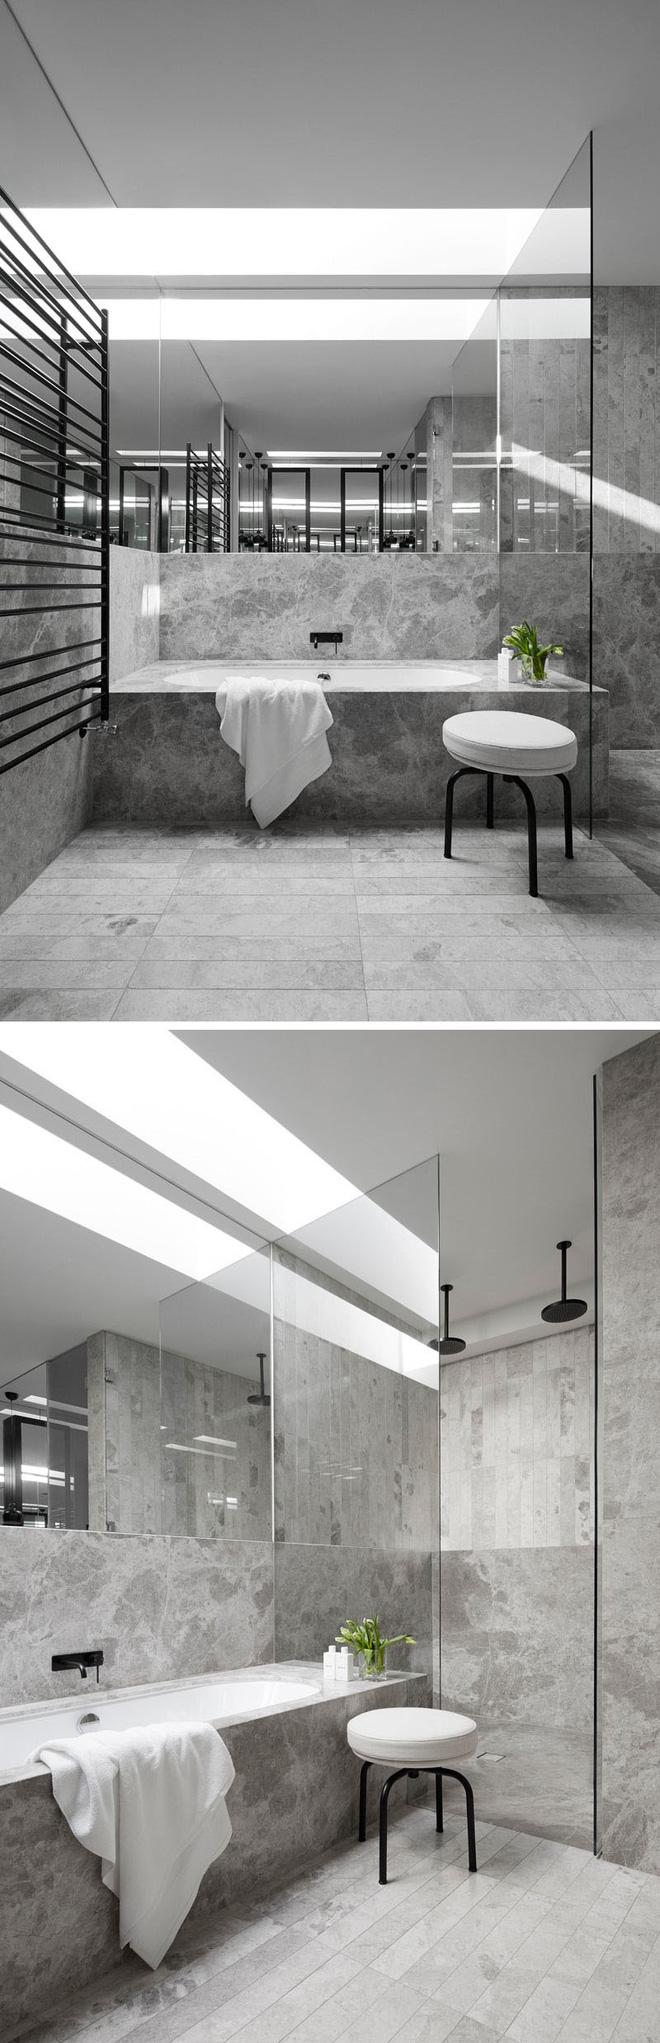 Trang trí phòng tắm sang chảnh hết nấc bằng đá cẩm thạch (1)